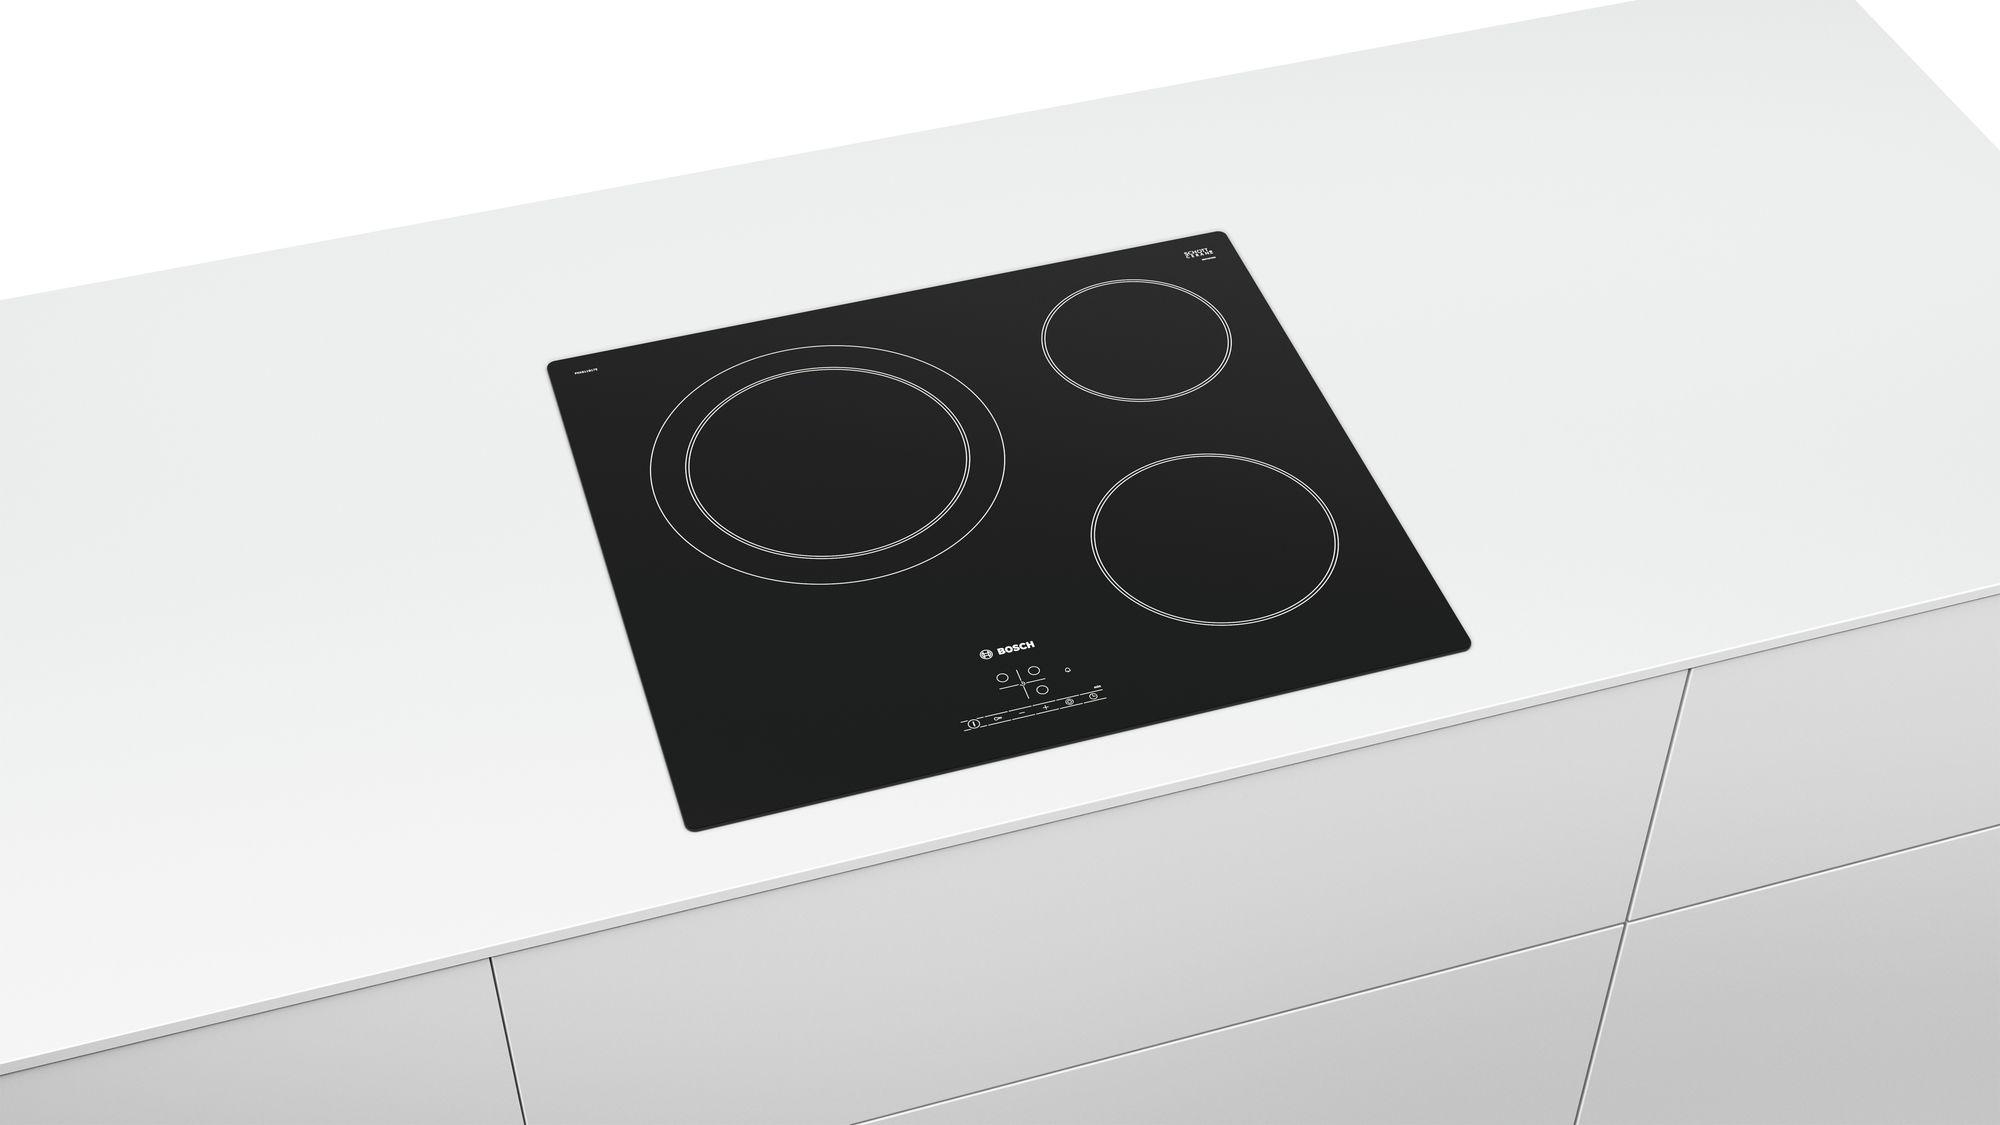 Serie | 4 staklokeramička ploča za kuvanje, 60 cm